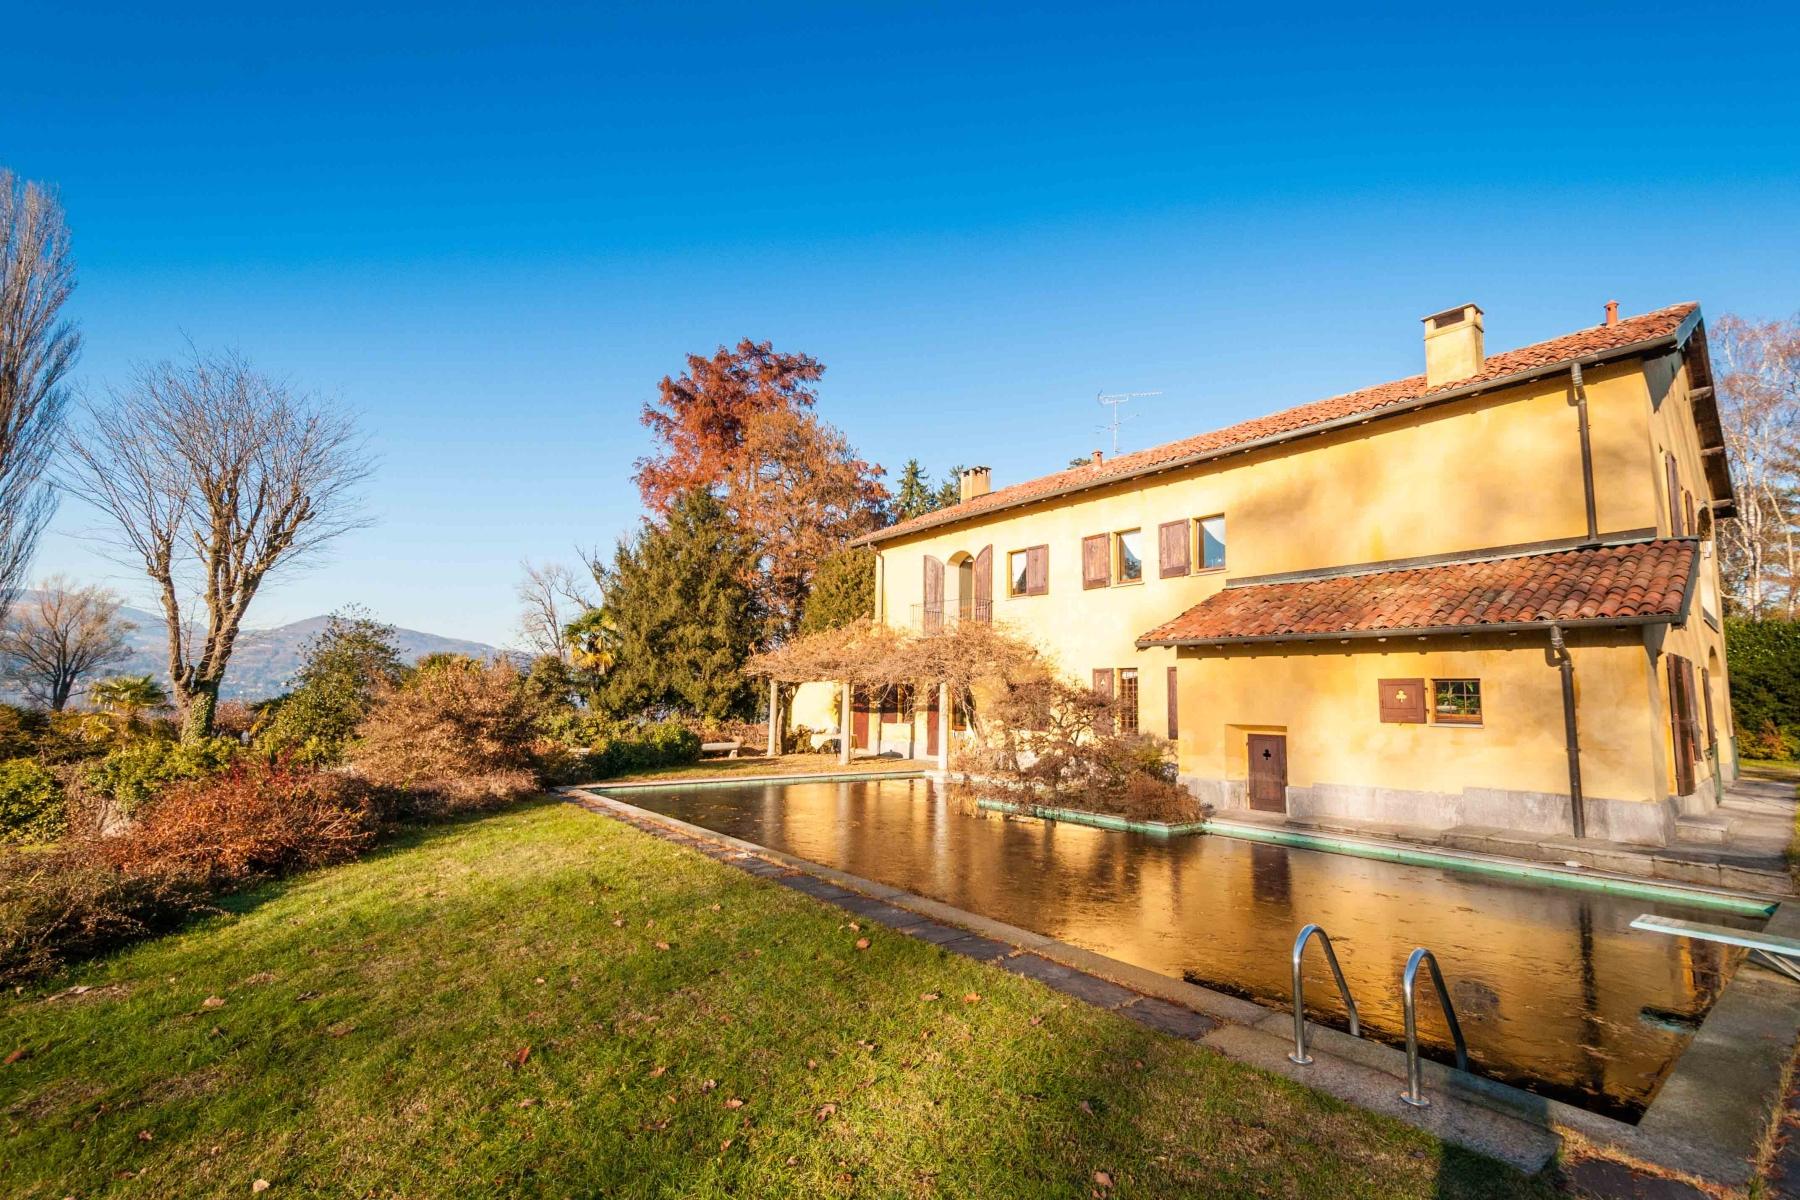 Villa in Vendita a Ispra: 5 locali, 500 mq